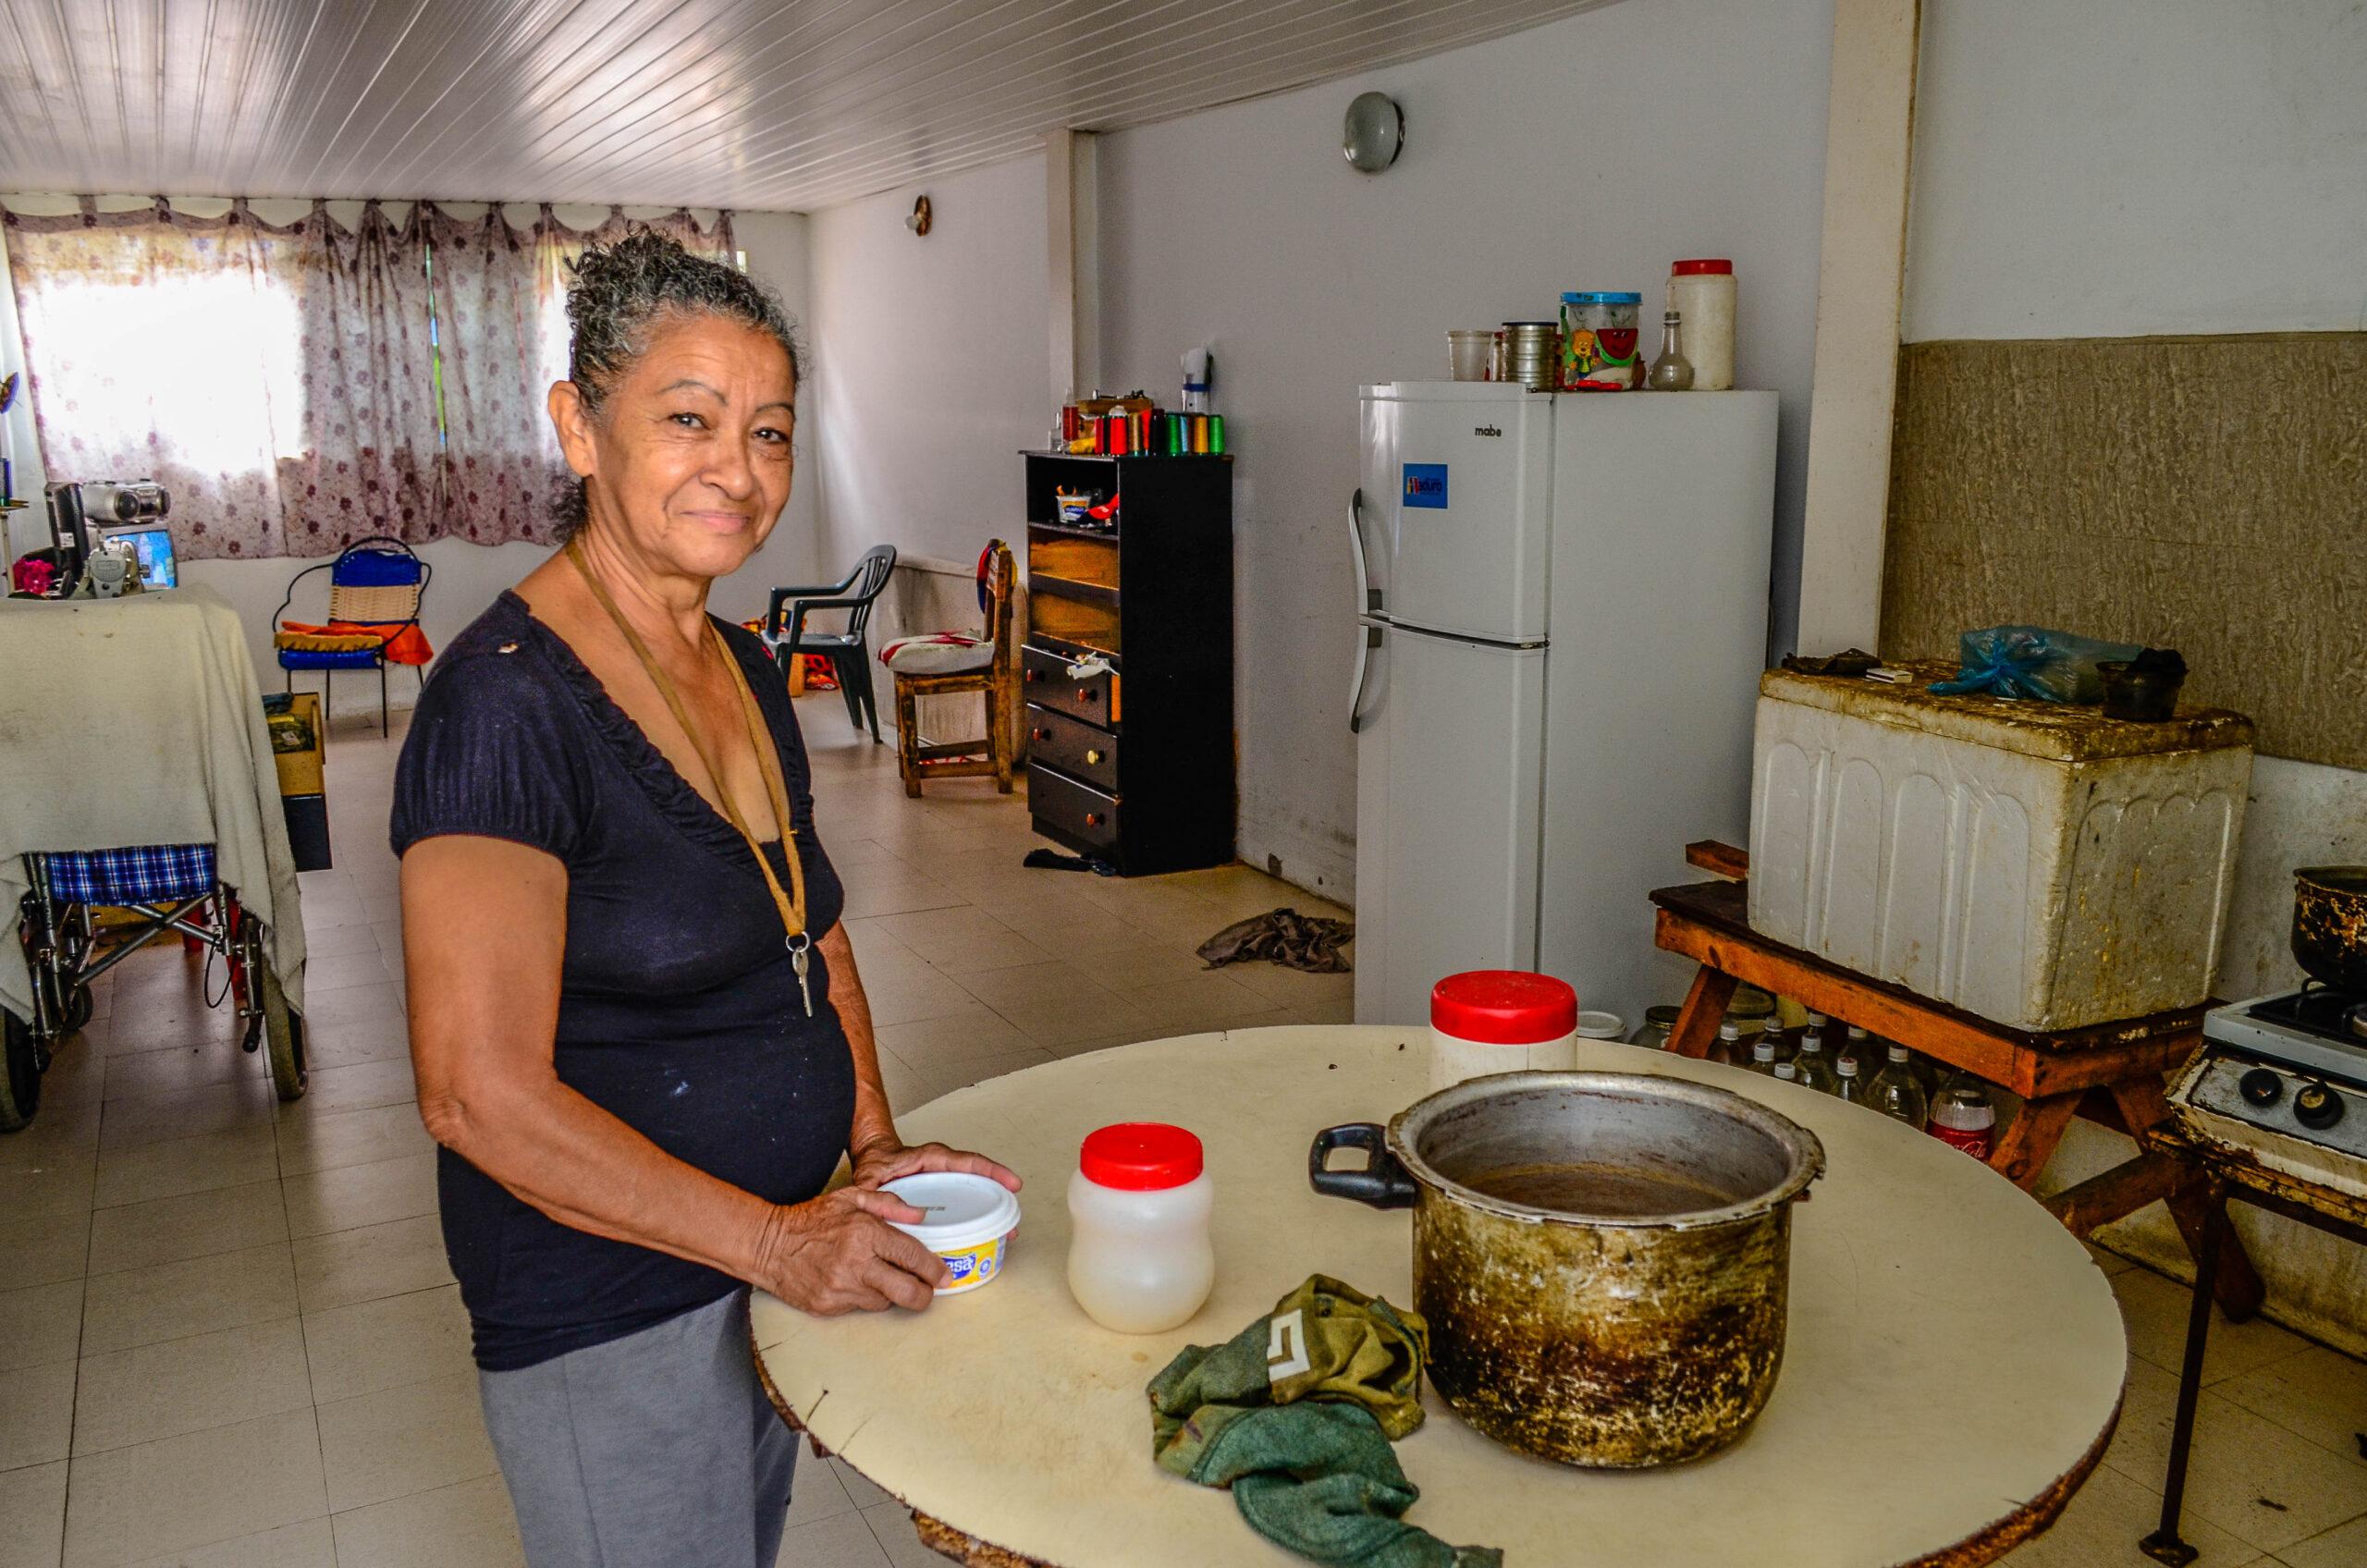 Selena Ramirez's apartment 5 credit Fernando Campos-Armando.info).jpg